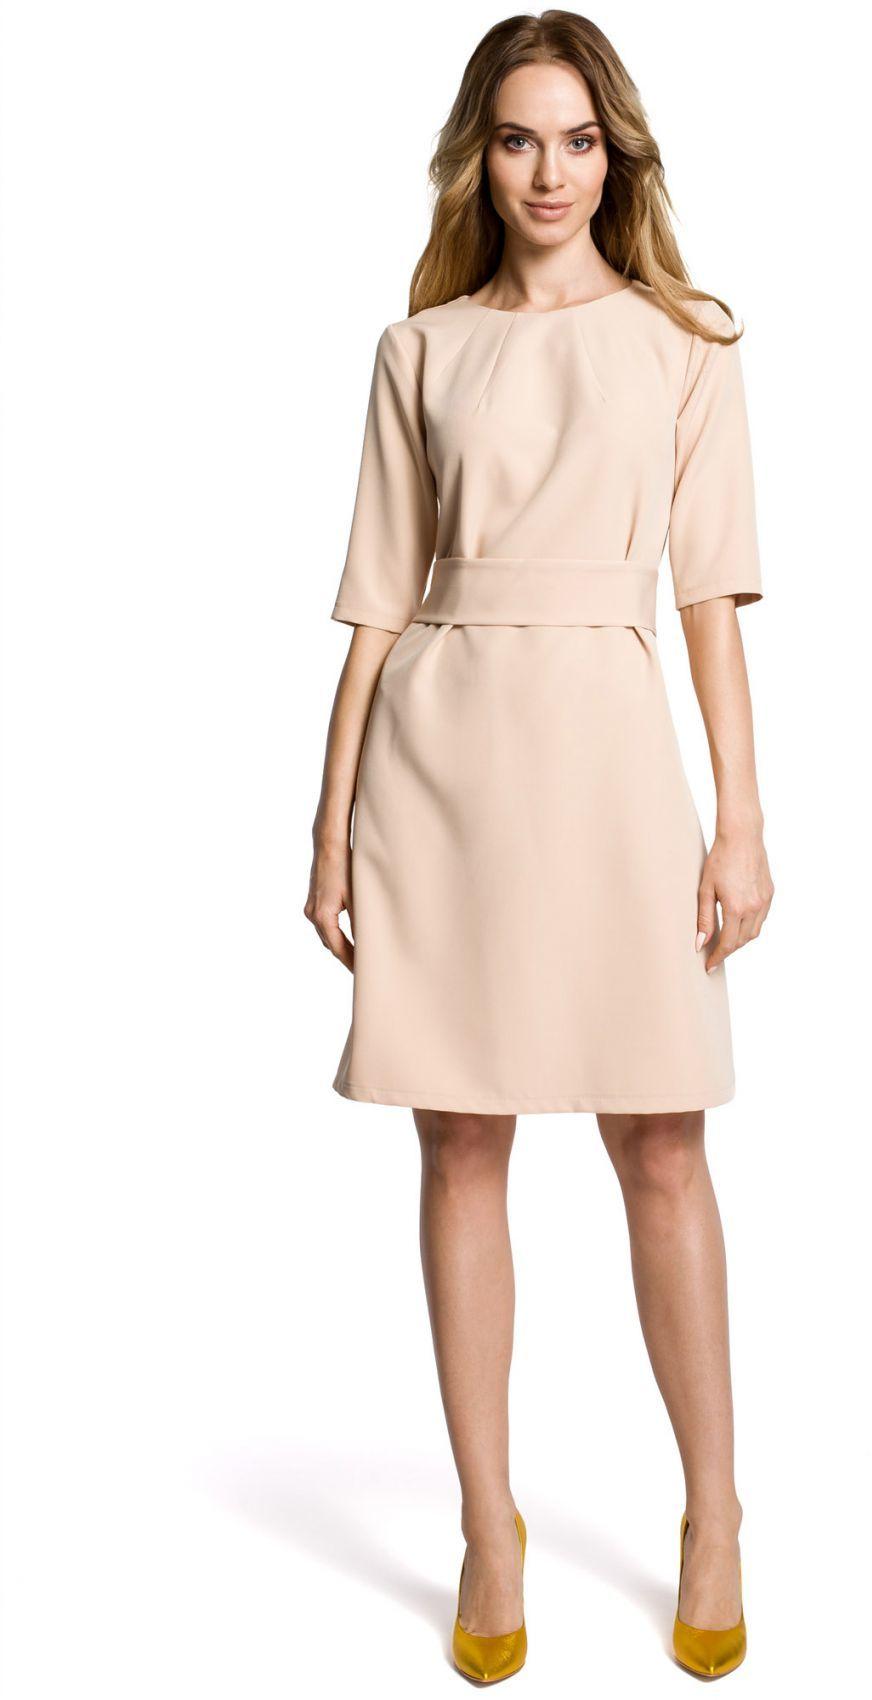 M362 sukienka beż